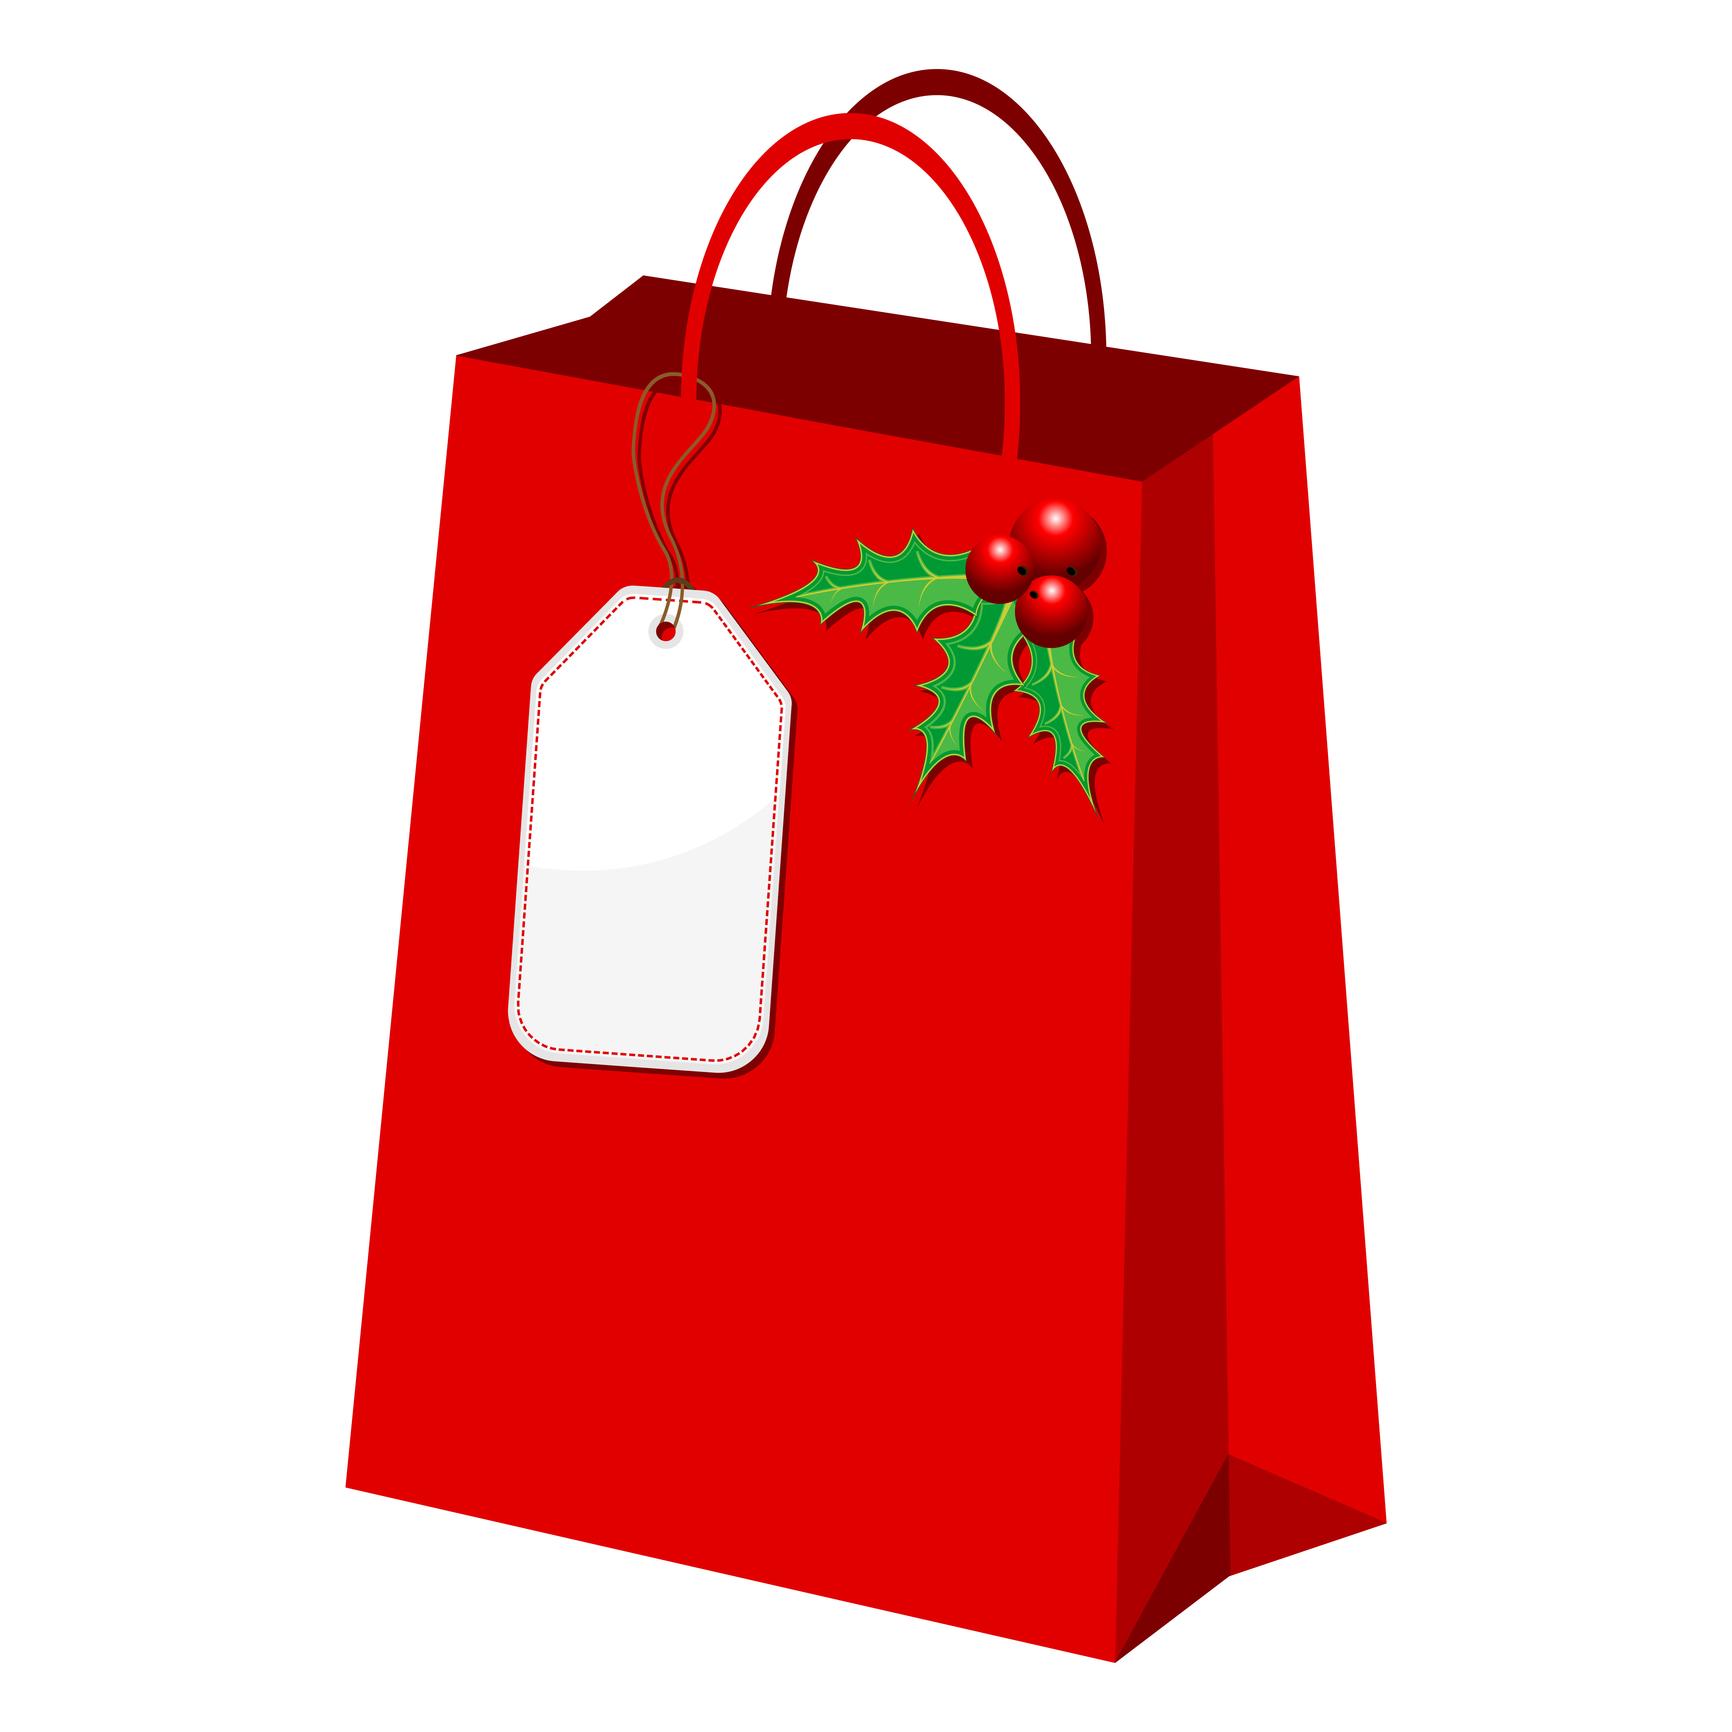 1732x1732 Christmas ~ Stunning Christmas Gift Clipart Free Tagschristmas